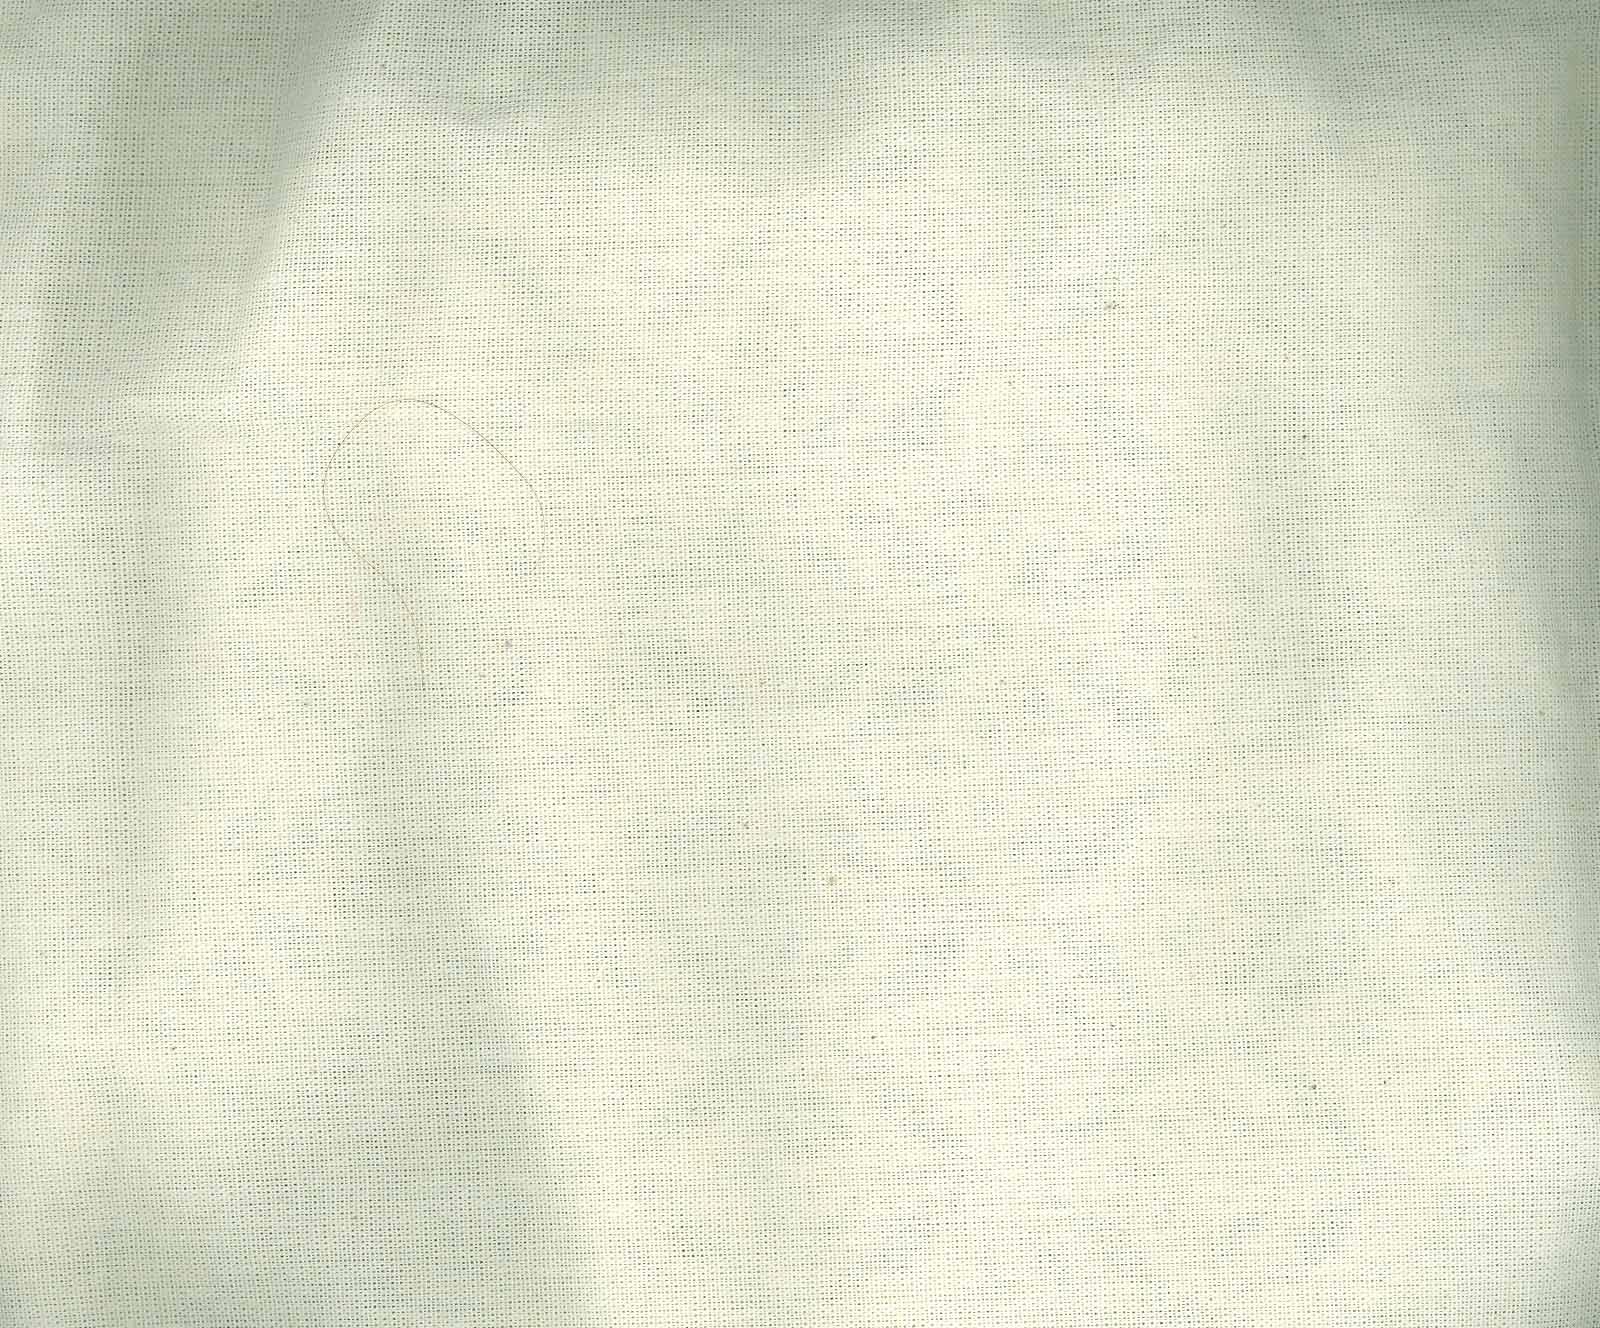 کیف پارچه ای کوچک (جیپور سفید)